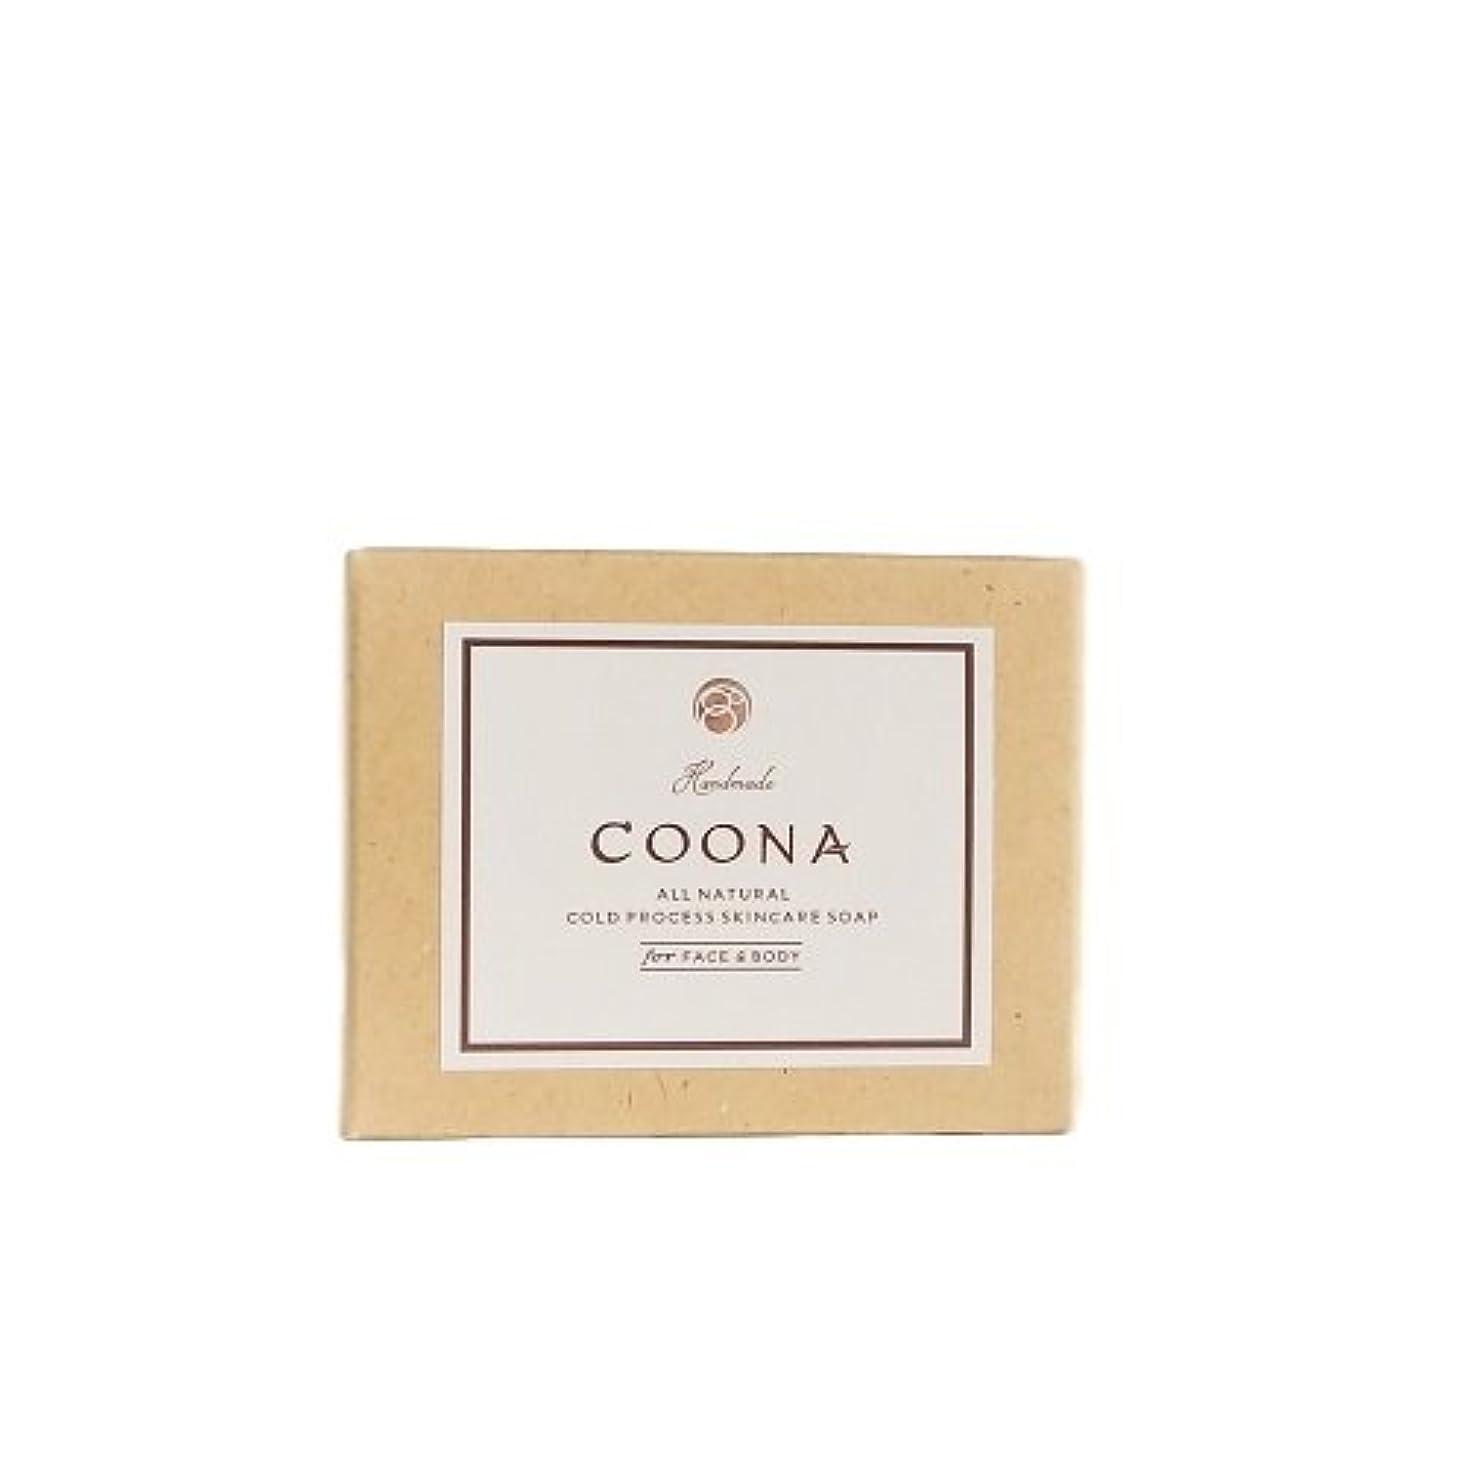 洗顔石鹸 COONA アボカド 石けん カモミール&シトラス (天然素材 自然派 コールドプロセス 手作り せっけん)